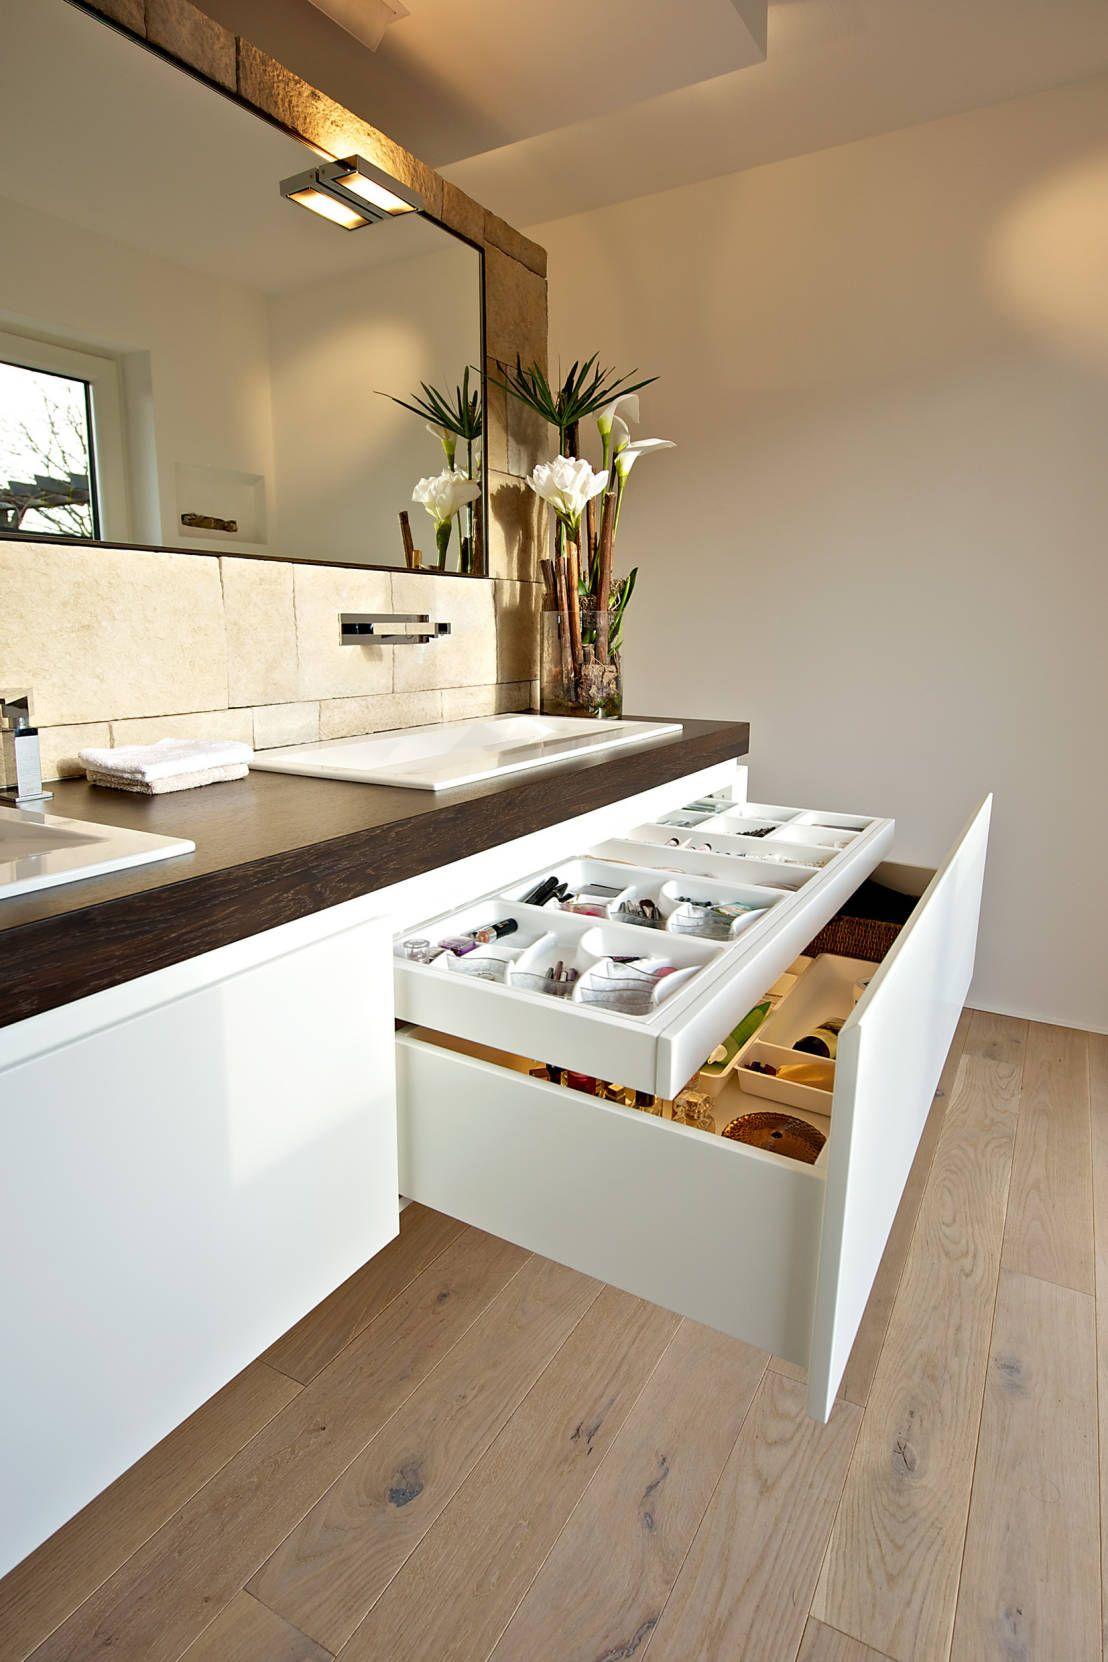 6 geniale Badezimmerschränke | Badezimmerschränke, Badezimmer und Bäder